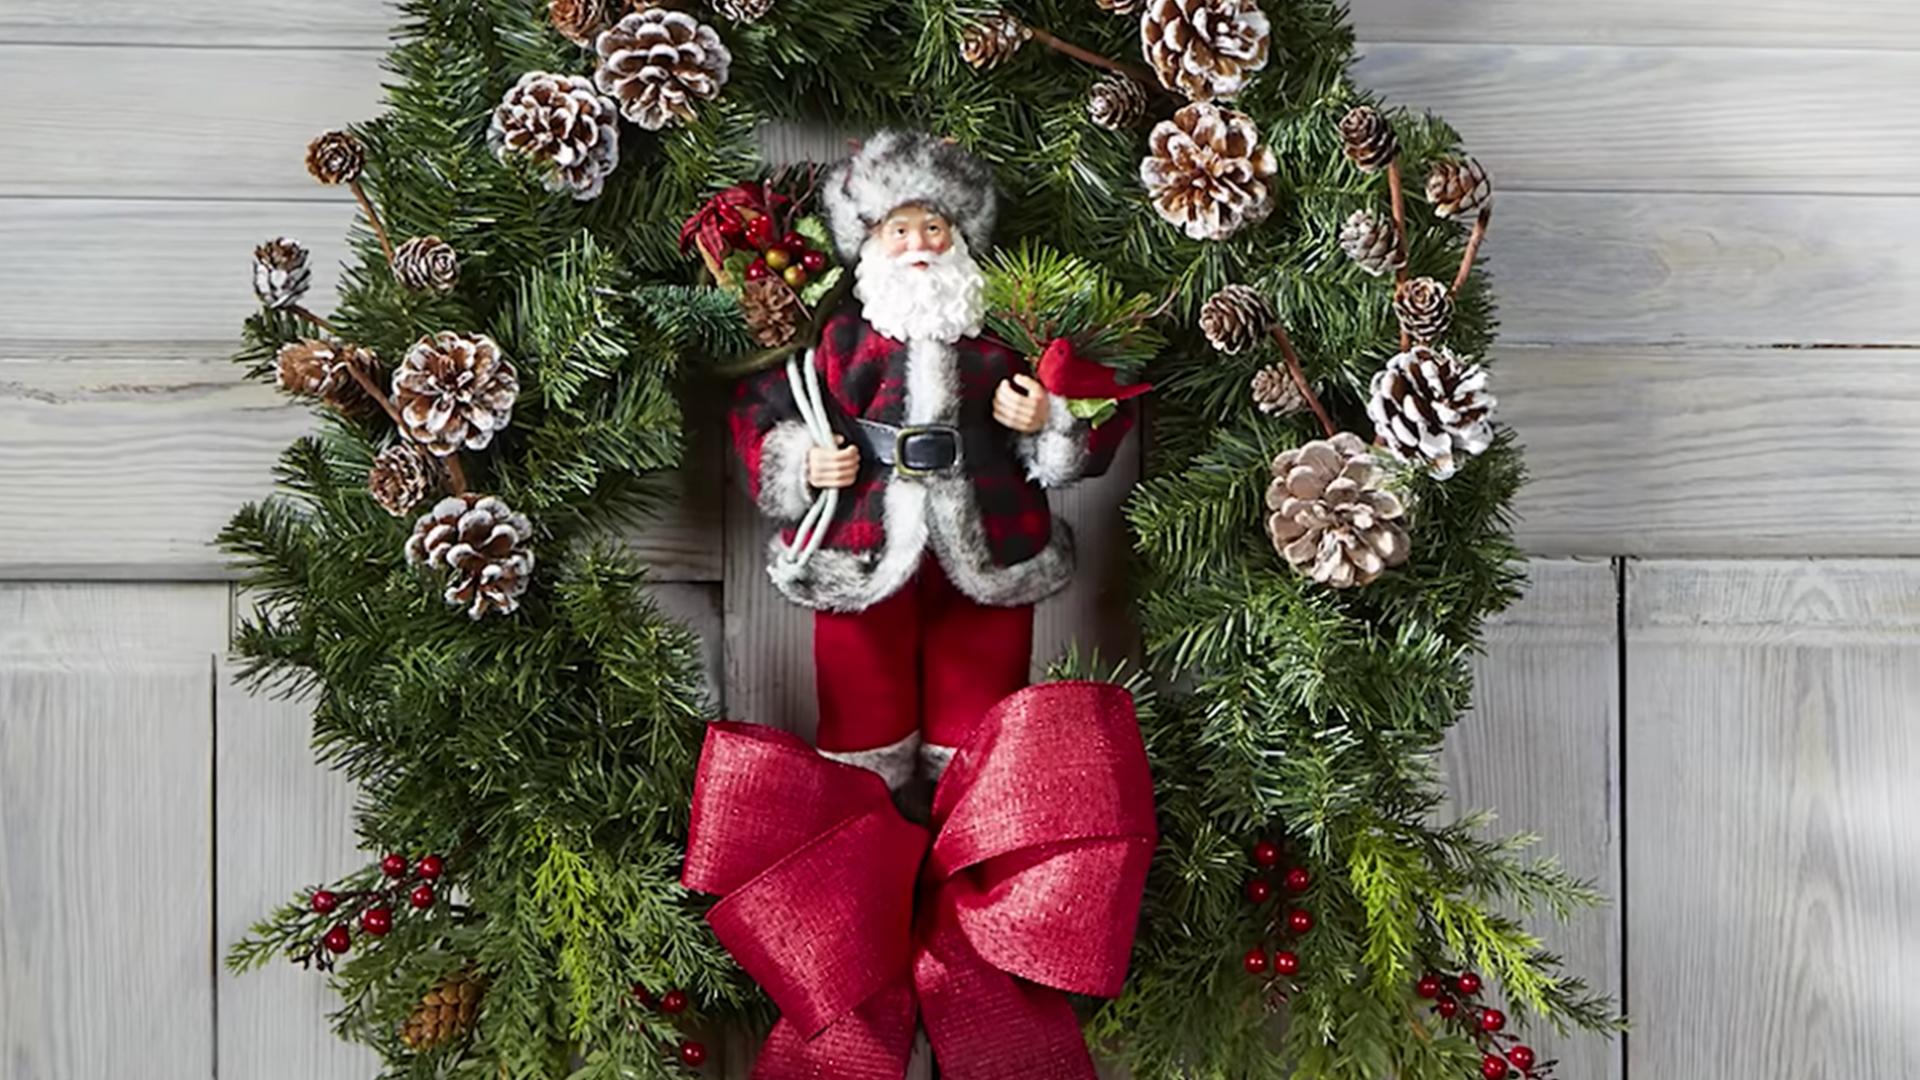 DIY Your Own Christmas Wreath